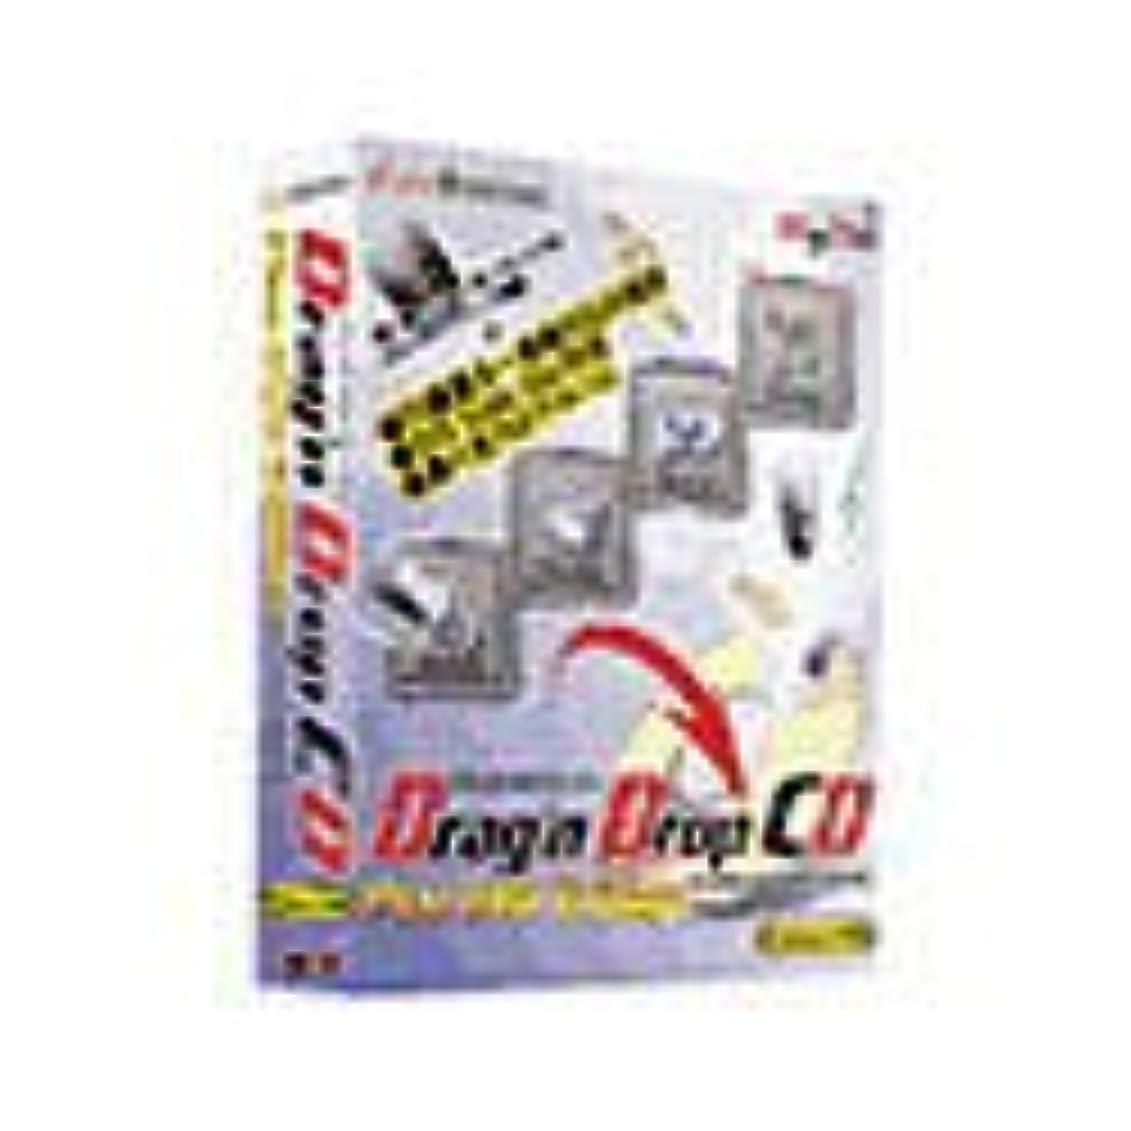 ささやき手荷物状態Drag'n Drop CD Plus DVD Edition